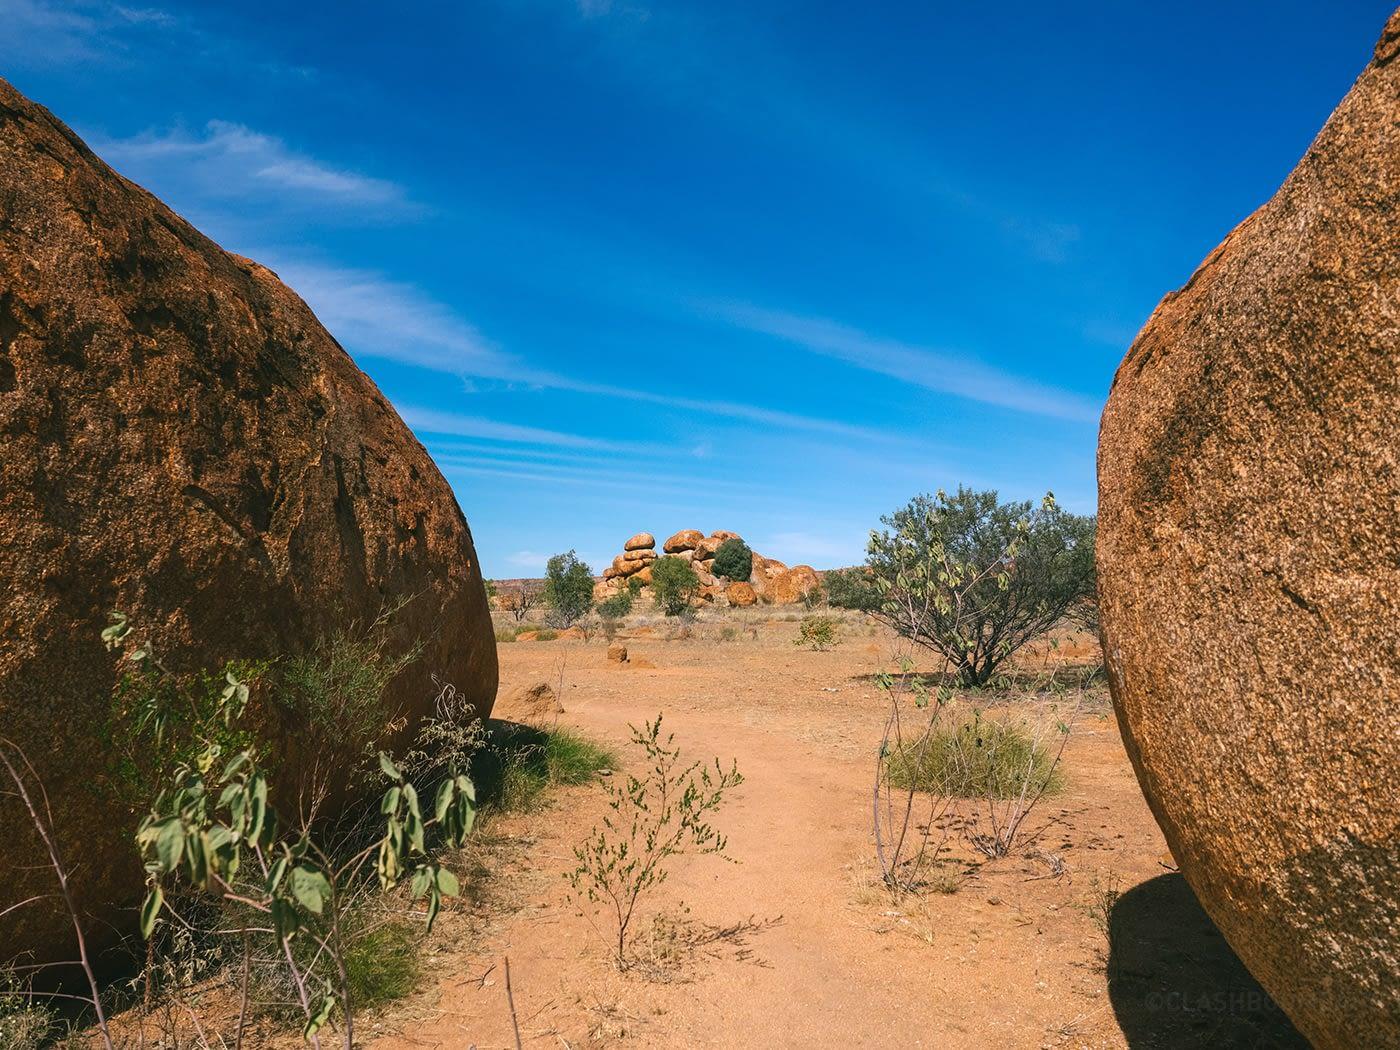 NT Australia - Karlu Karlu - Stack of boulders peeping through 2 huge boulders